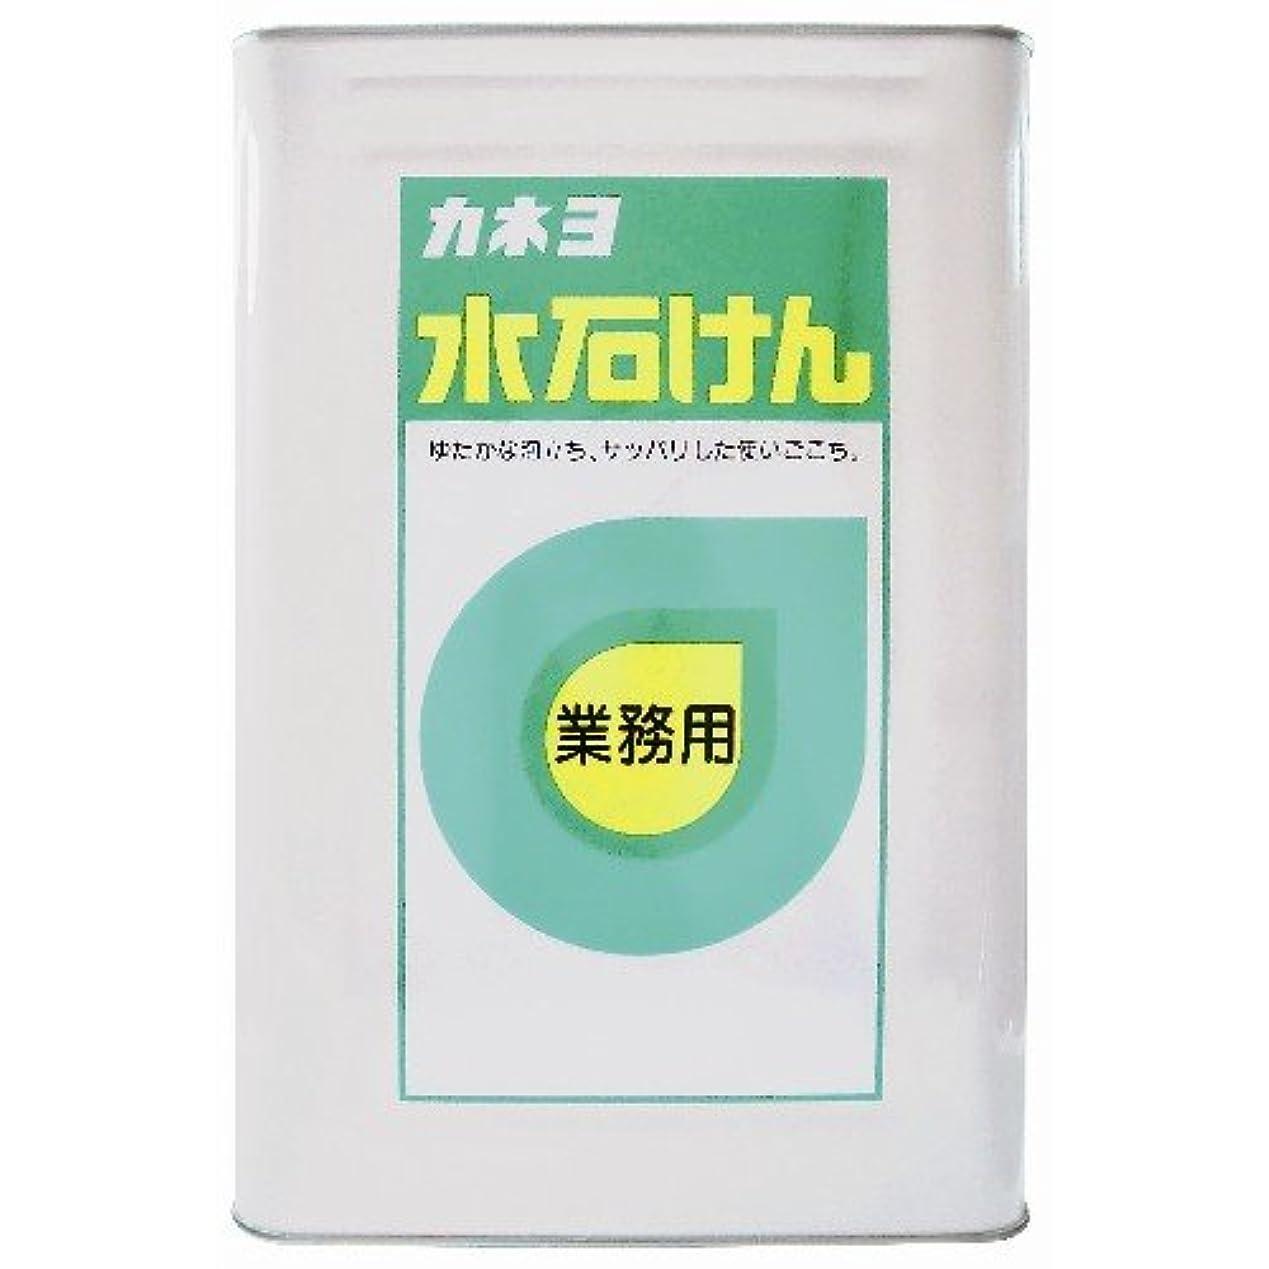 セグメント制裁理解【大容量】 カネヨ石鹸 ハンドソープ 水石けん 液体 業務用 18L 一斗缶